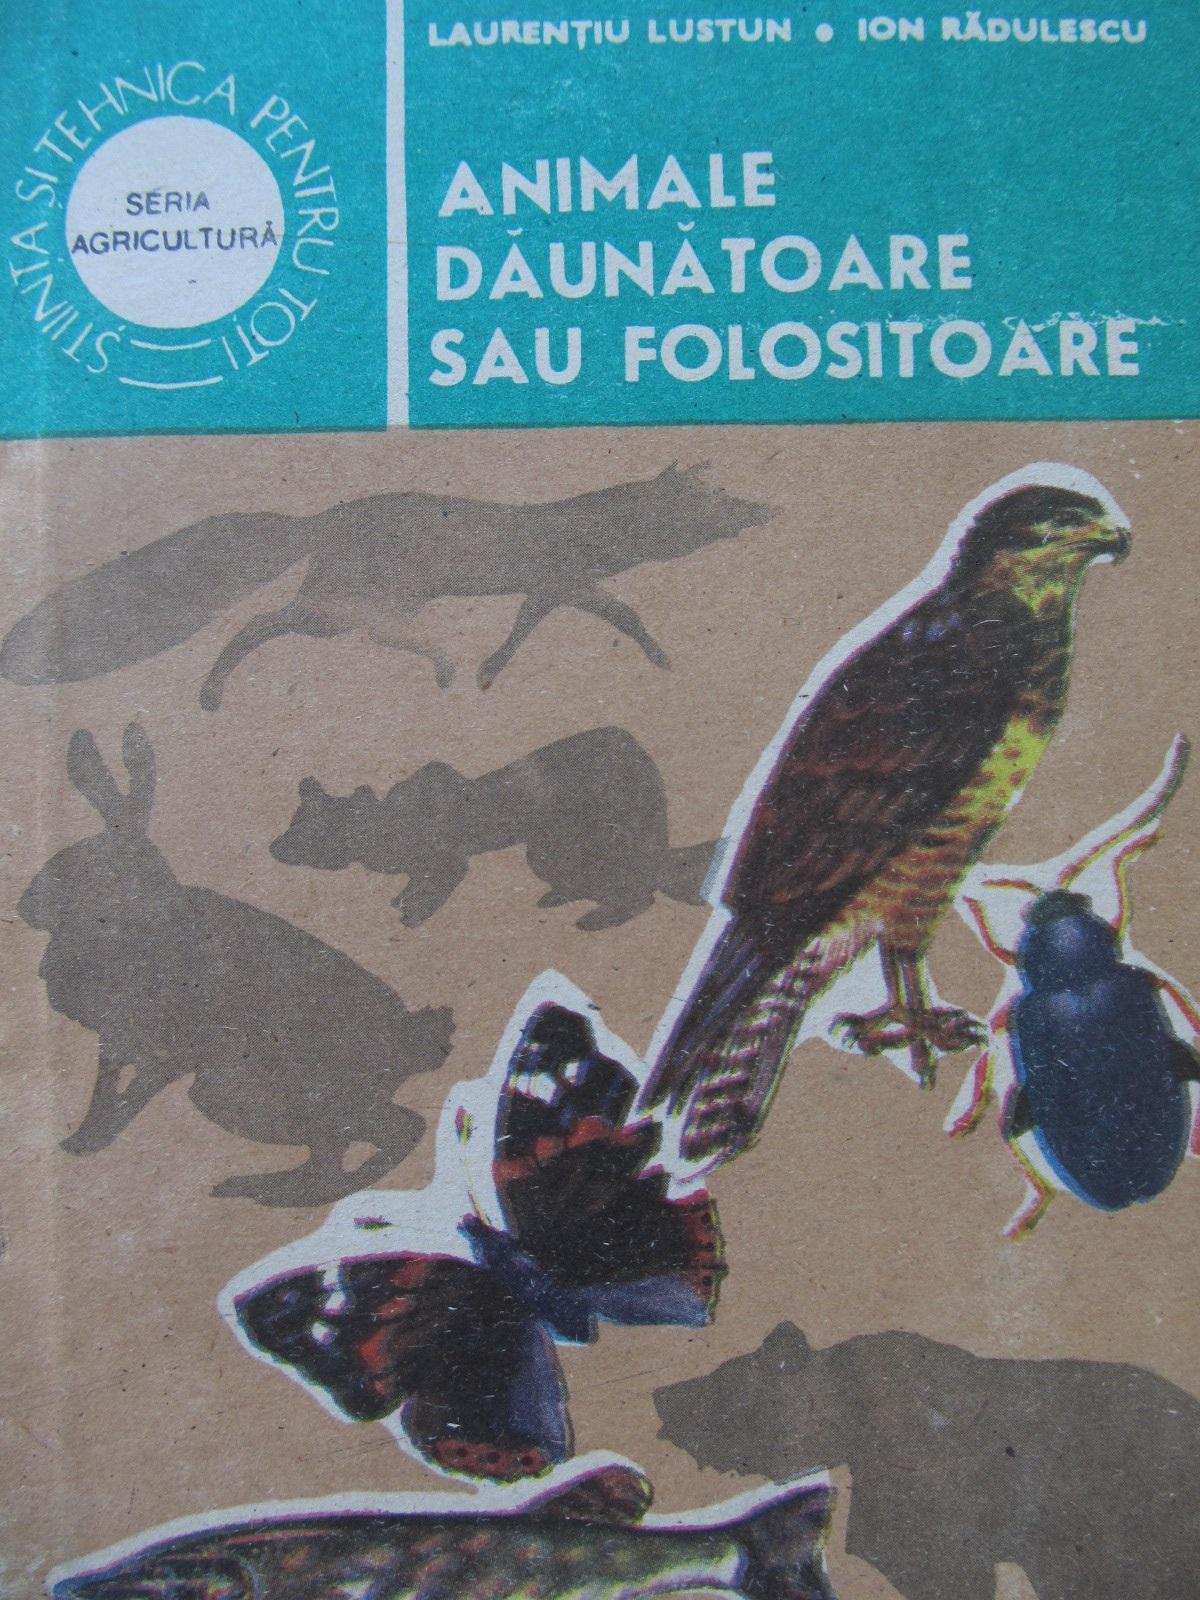 Animale daunatoare sau folositoare - Laurentiu Lustun , Ion Radulescu | Detalii carte